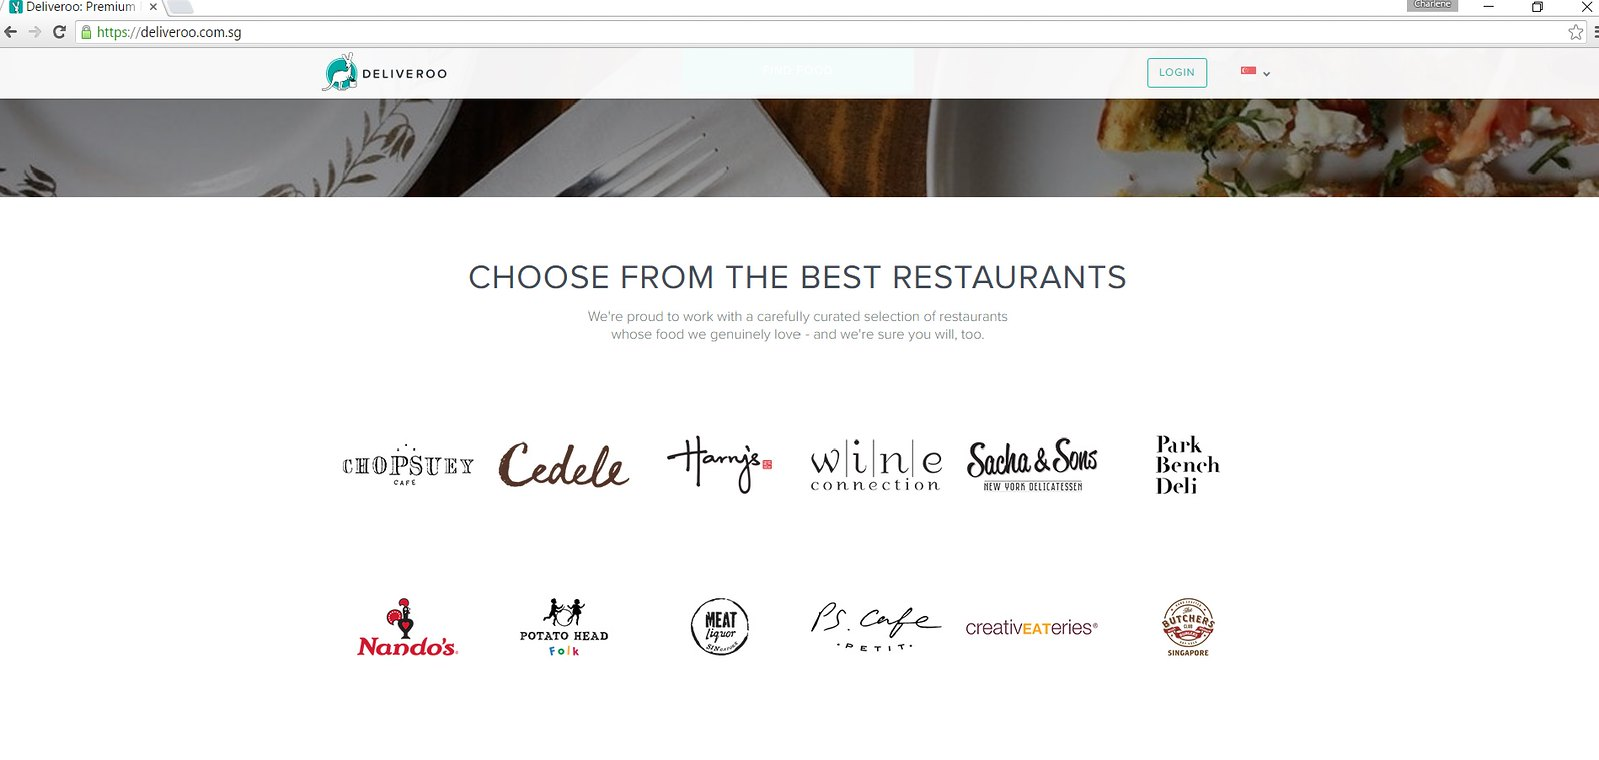 Deliveroo best restaurants